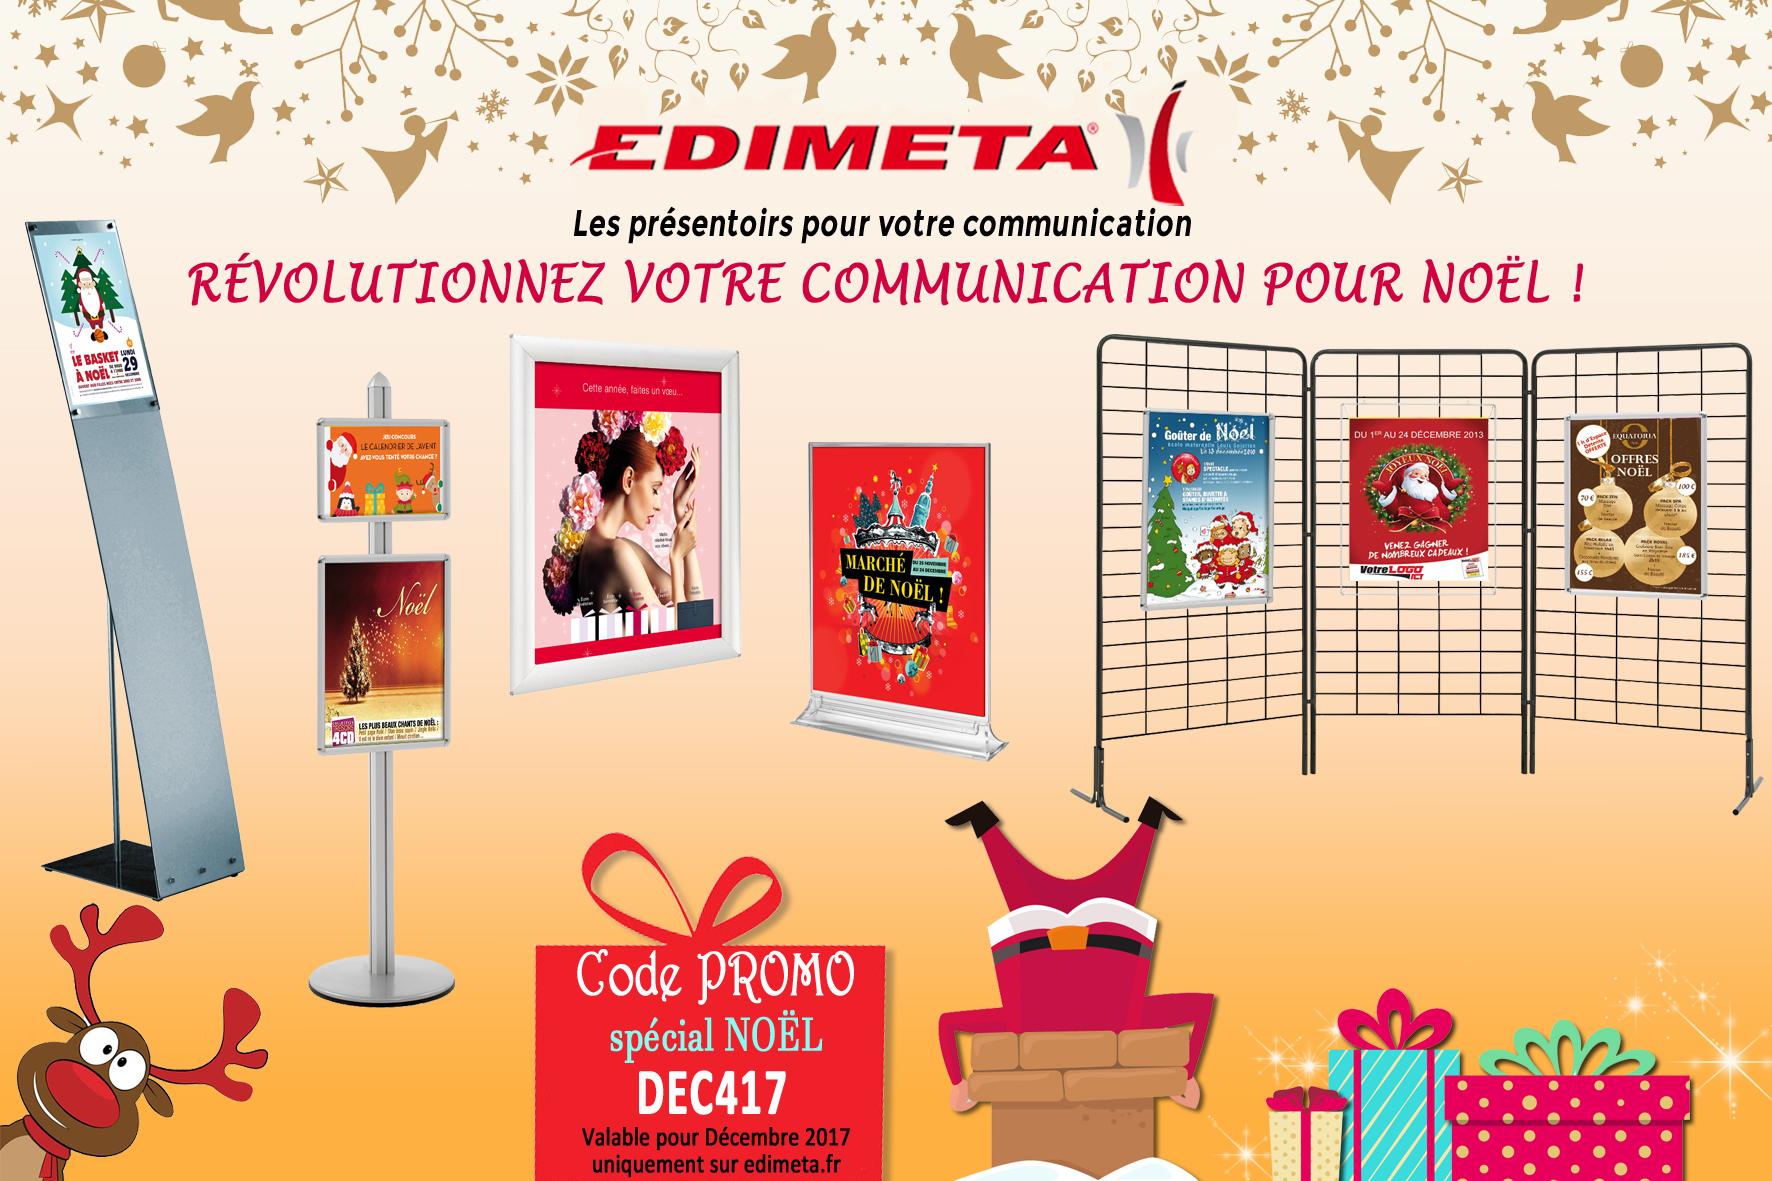 EDIMETA - Code promo pour Décembre 2017